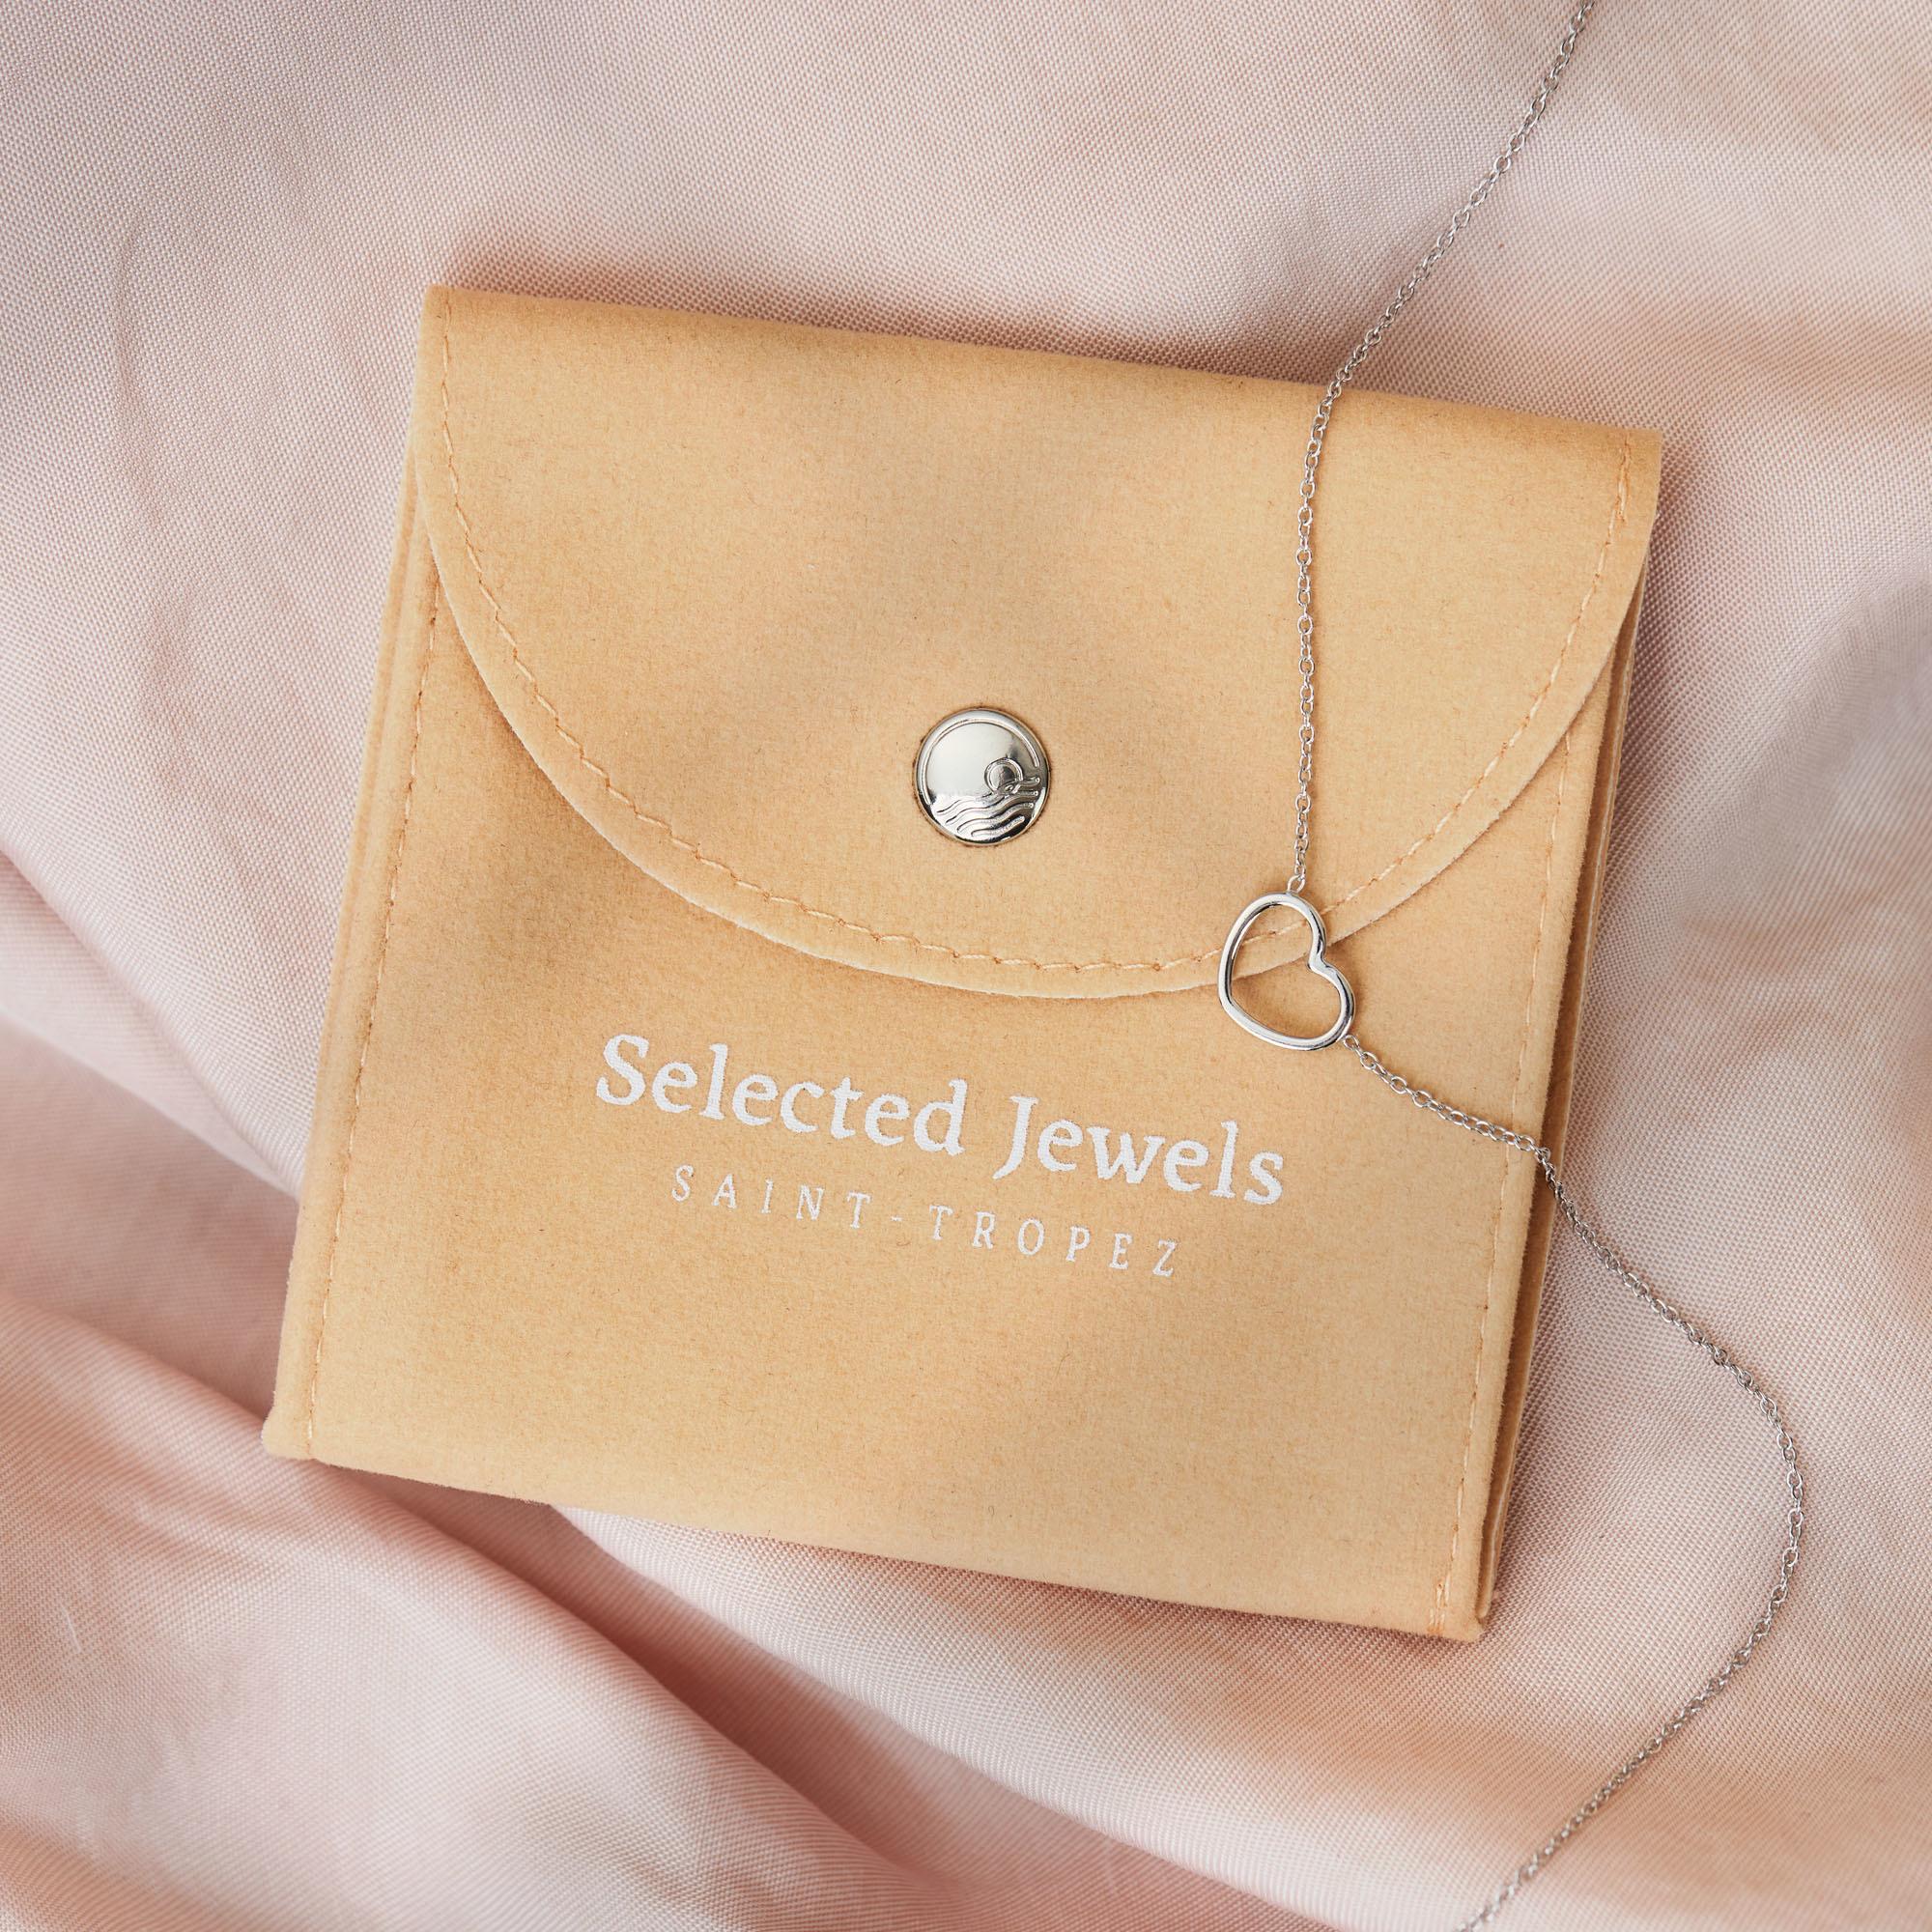 Selected Jewels Léna Joy 925 Sterling Silber goldfarbenes einzelnes Ear Cuff